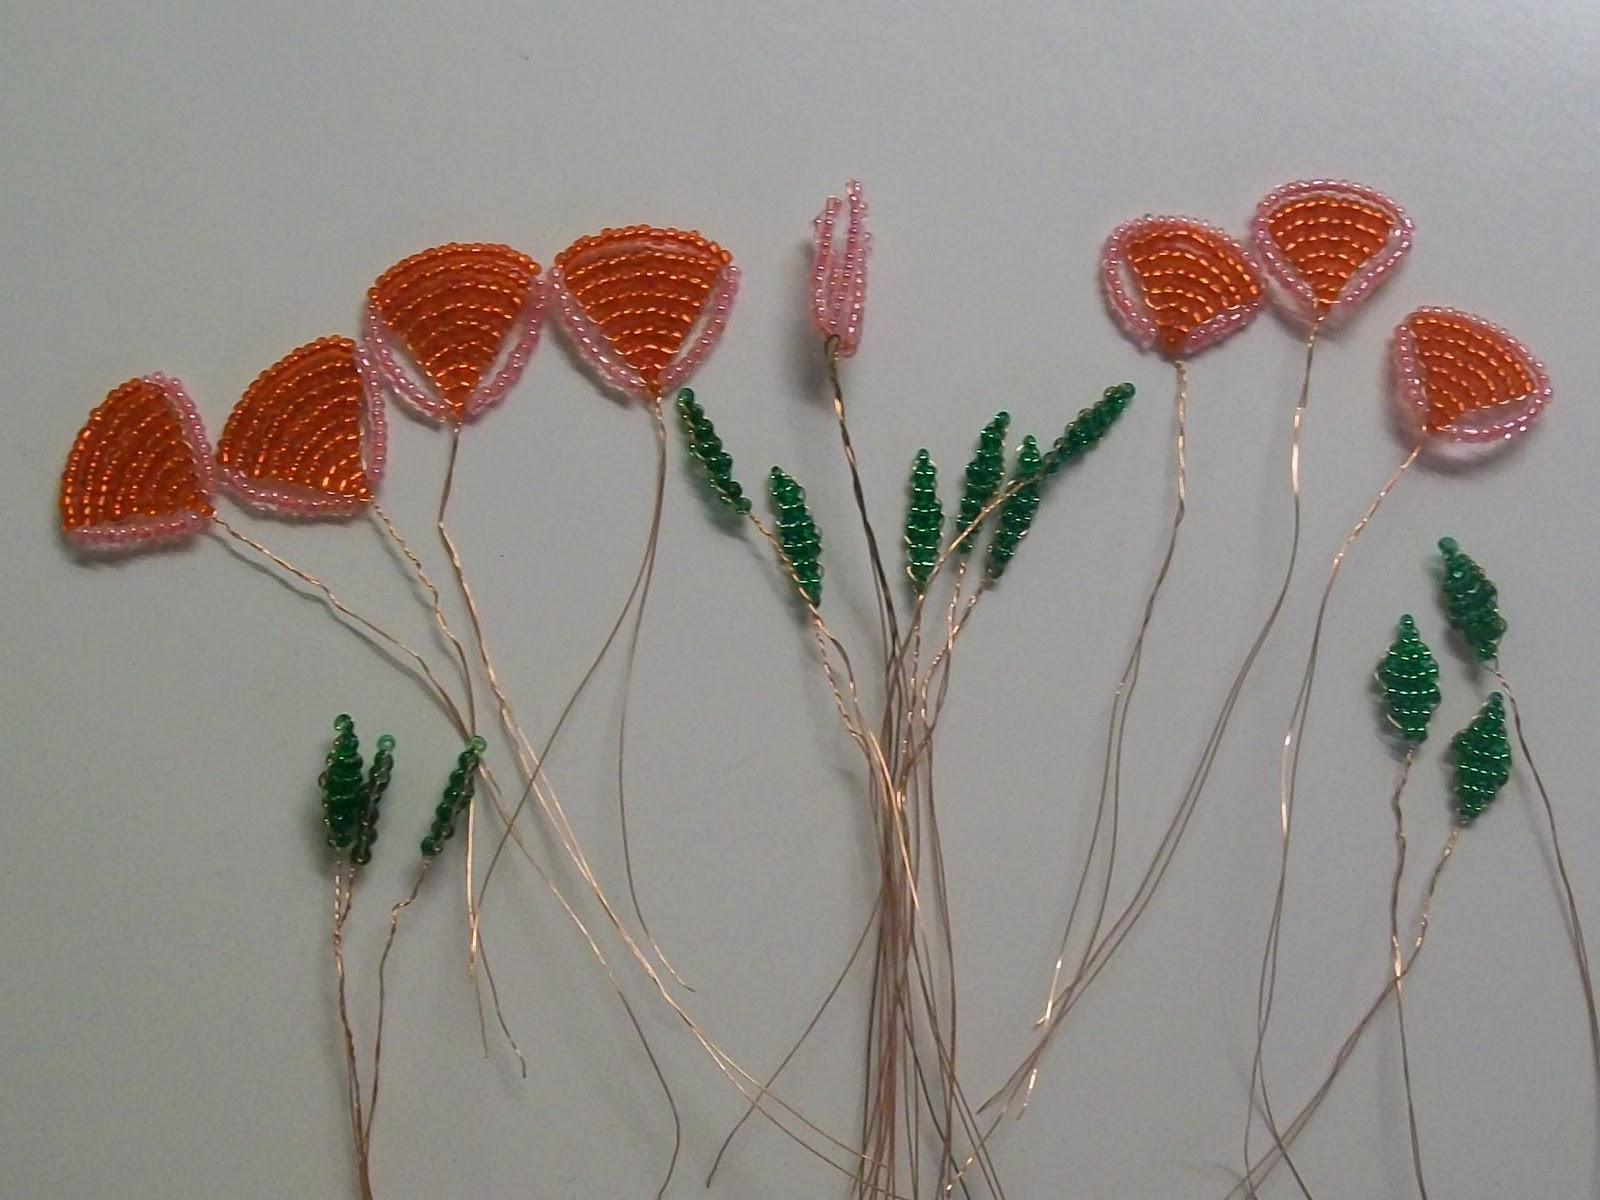 схемы плетения объемных игрушек из бисера на русском